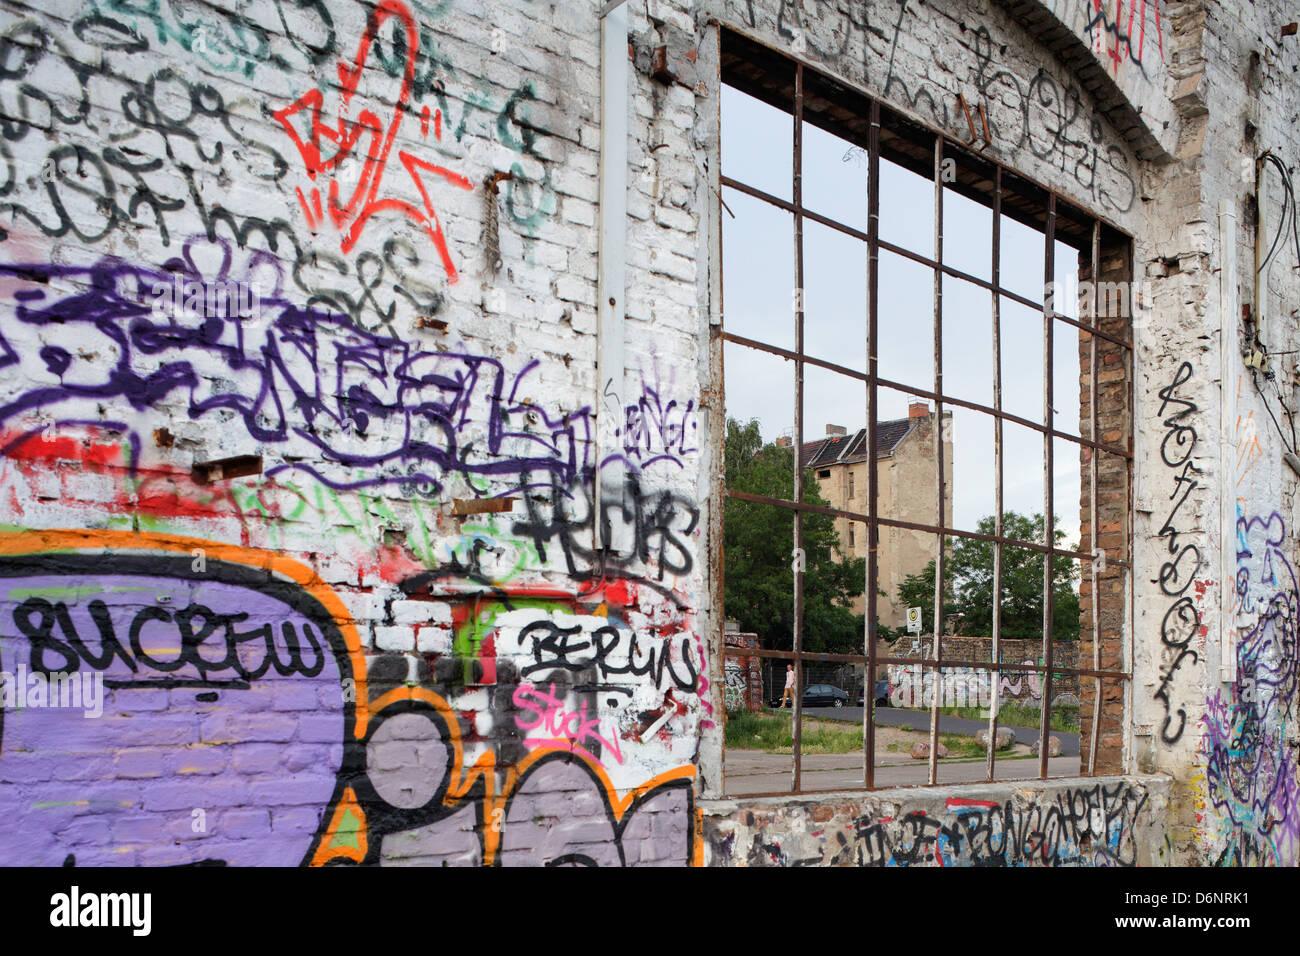 Berlino, Germania, spruzzata con graffiti parete in fabbrica con specchio di poppa remote Rochester Immagini Stock